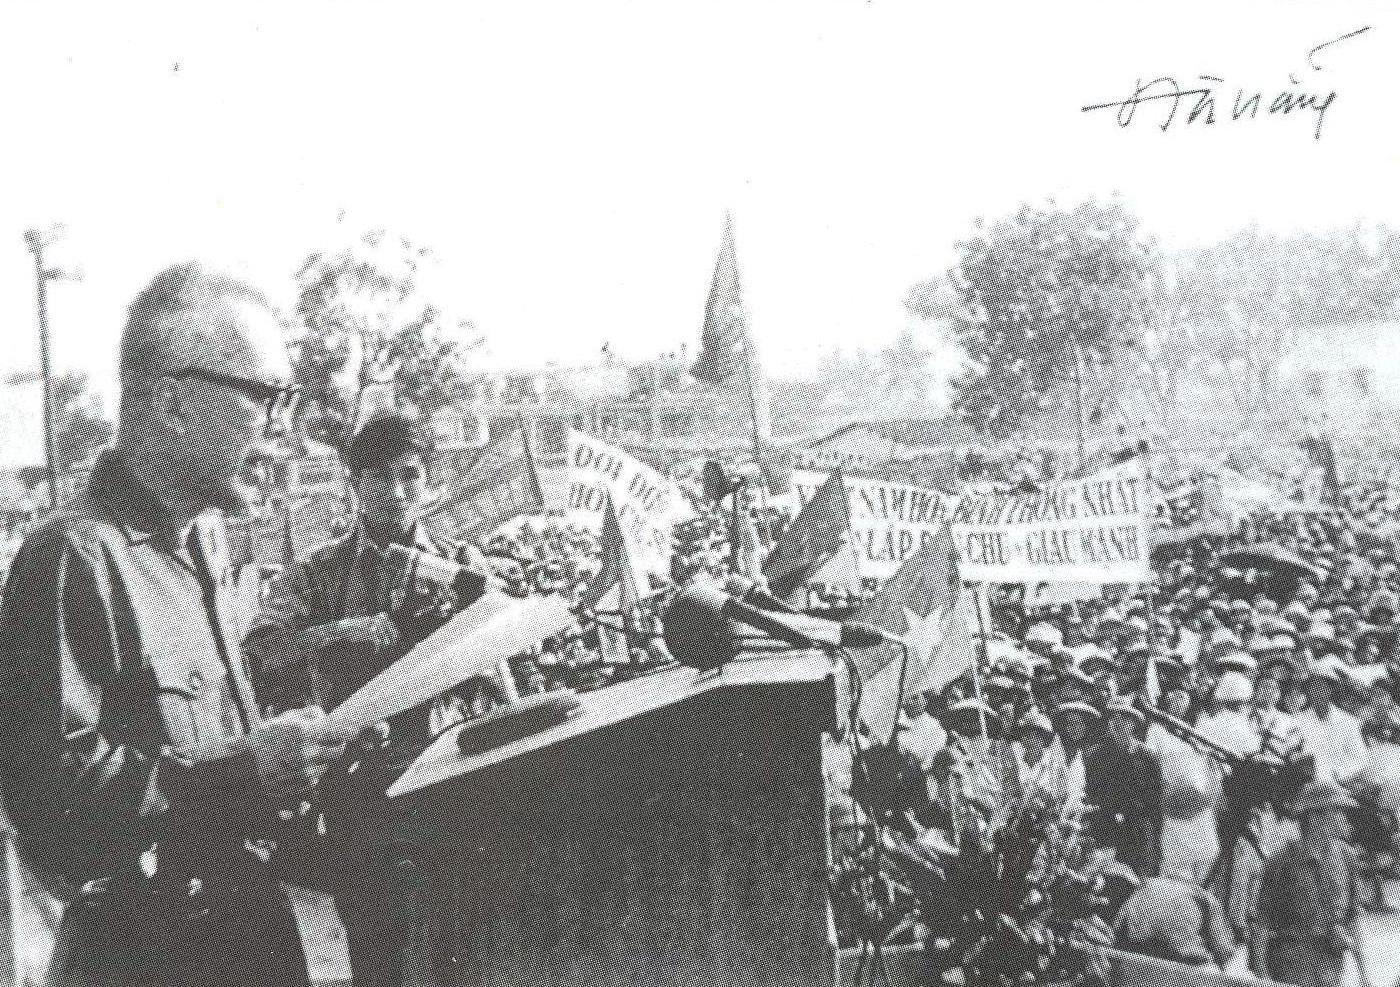 Chủ tịch Ủy ban Mặt trận Dân tộc giải phóng miền Nam Việt Nam Nguyễn Hữu Thọ phát biểu tại lễ mít tinh giải phóng Quảng Nam - Đà Nẵng ngày 7.4.1975. Ảnh Tư liệu